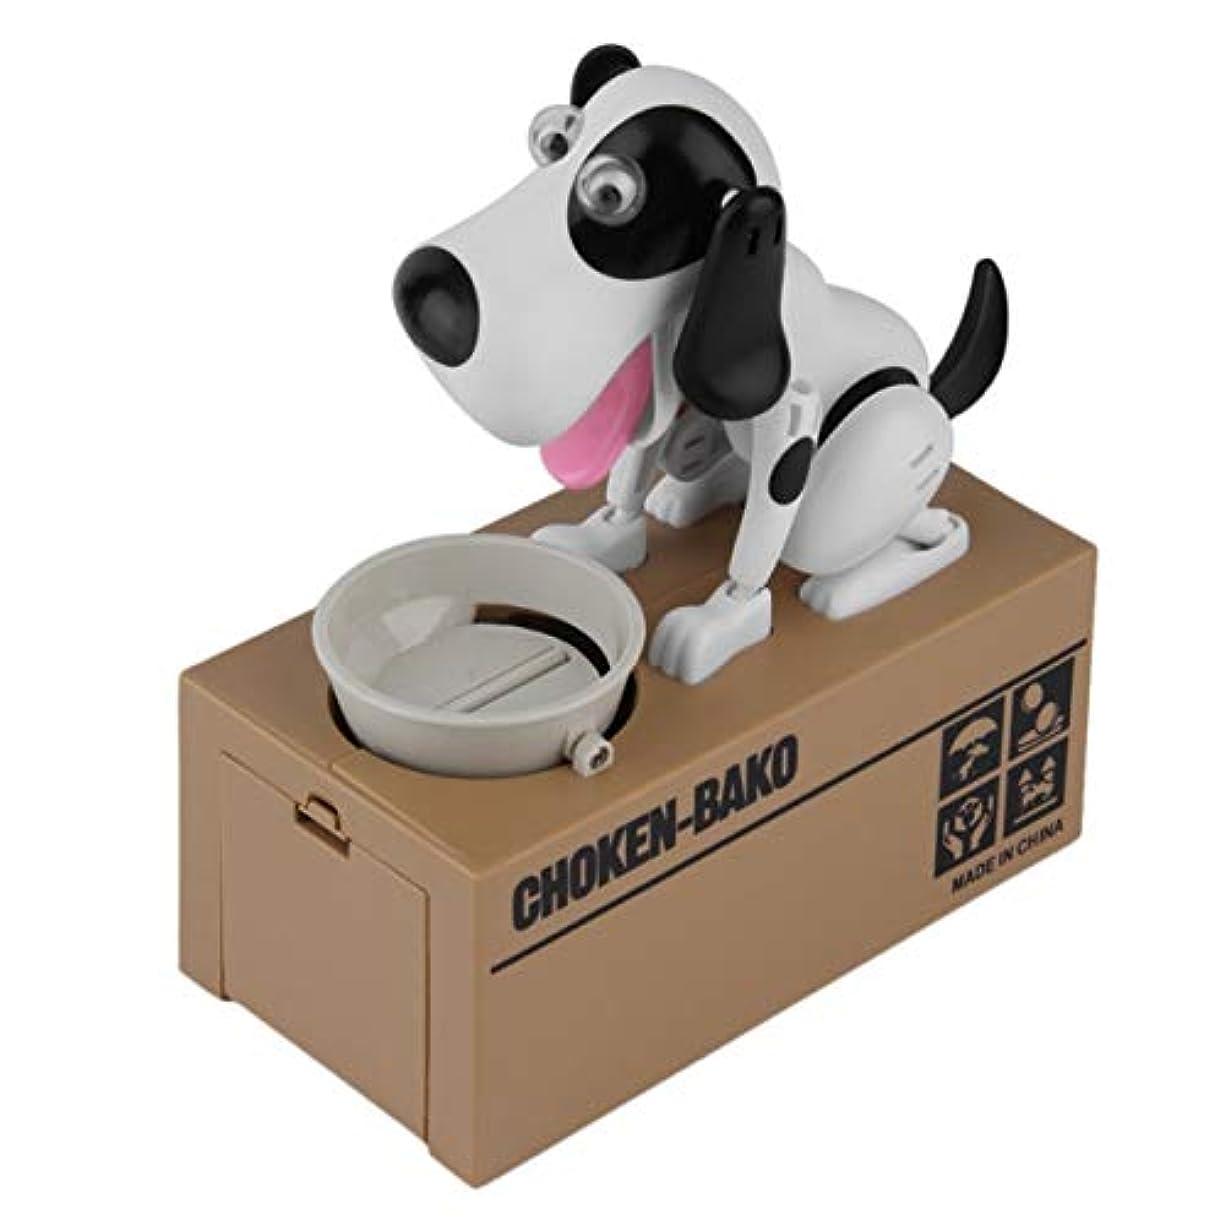 言語学卒業オゾンSaikogoods 耐久性に優れたロボット犬貯金箱自動コインマネーバンクかわいい犬モデルマネーバンクマネーセービングボックスコインボックスを盗みました 黒+白